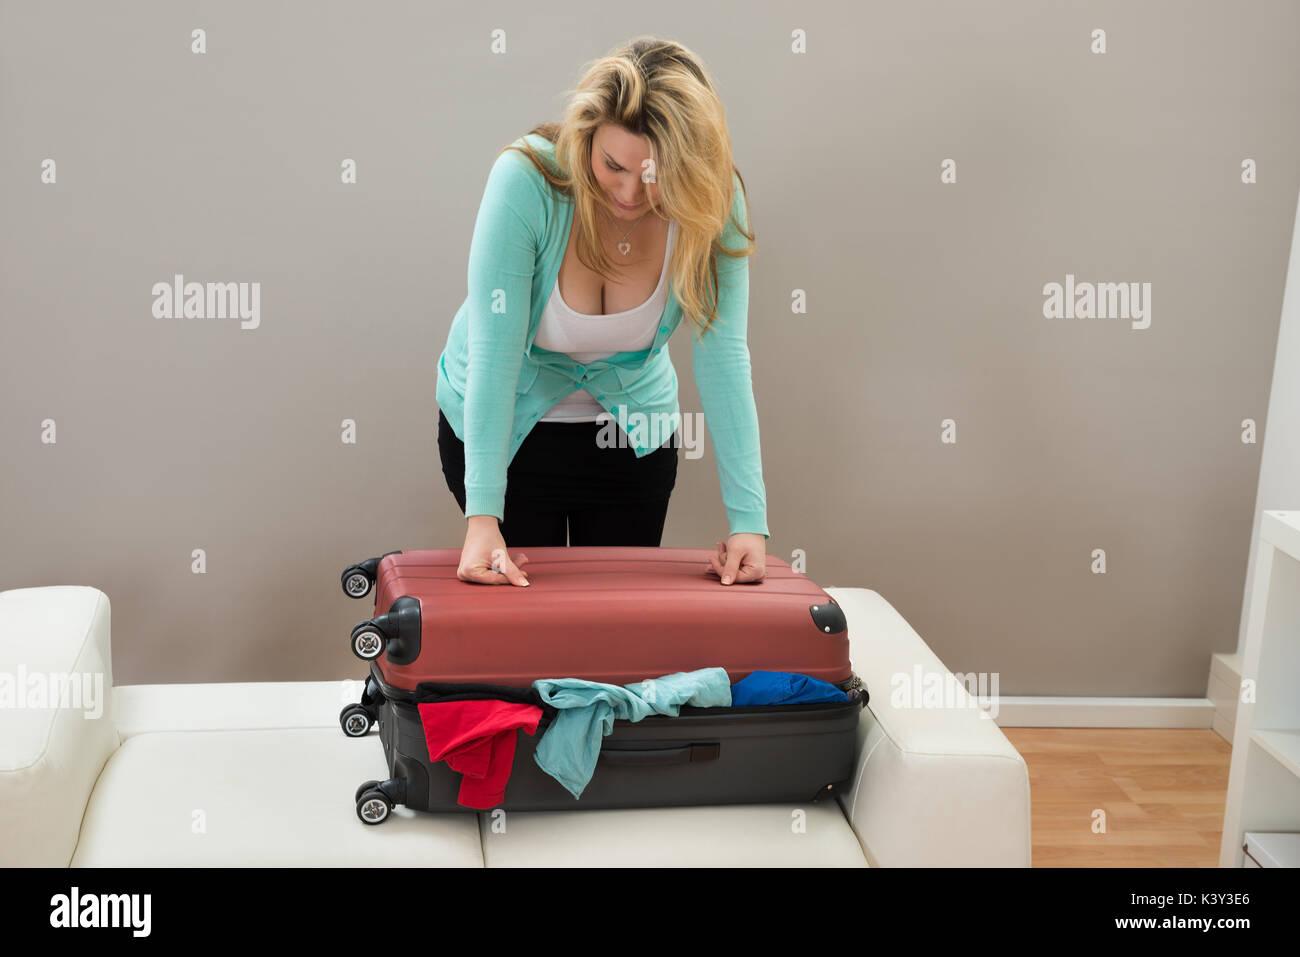 Donna cerca di chiudere la valigia troppo pieni in camera Immagini Stock